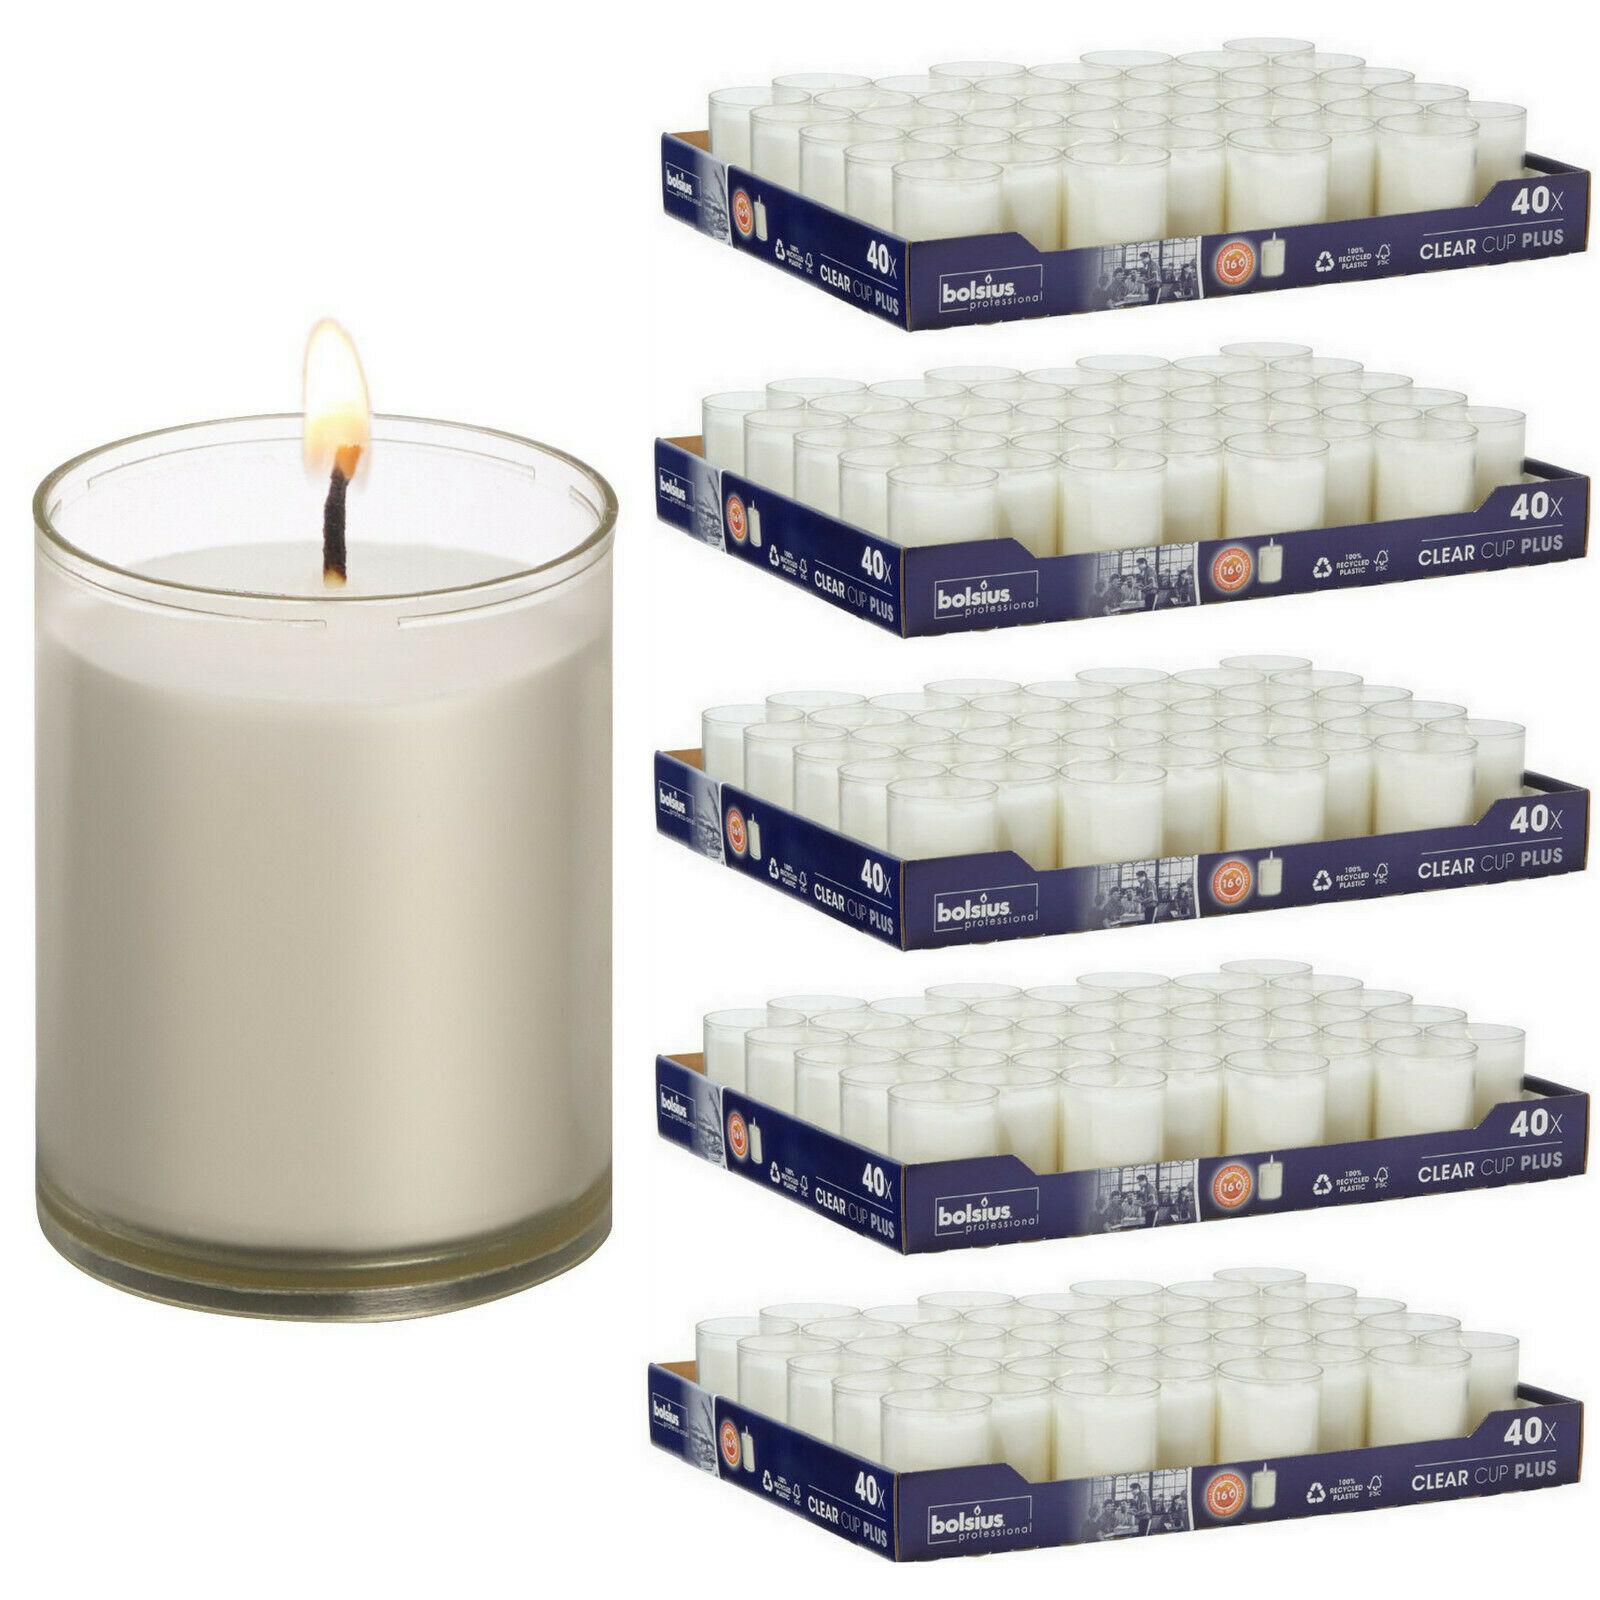 200 Stück Refill Nachfüller Kerzen Acryl Cup 42x55mm 16h Relight Nachfüll-Lichte